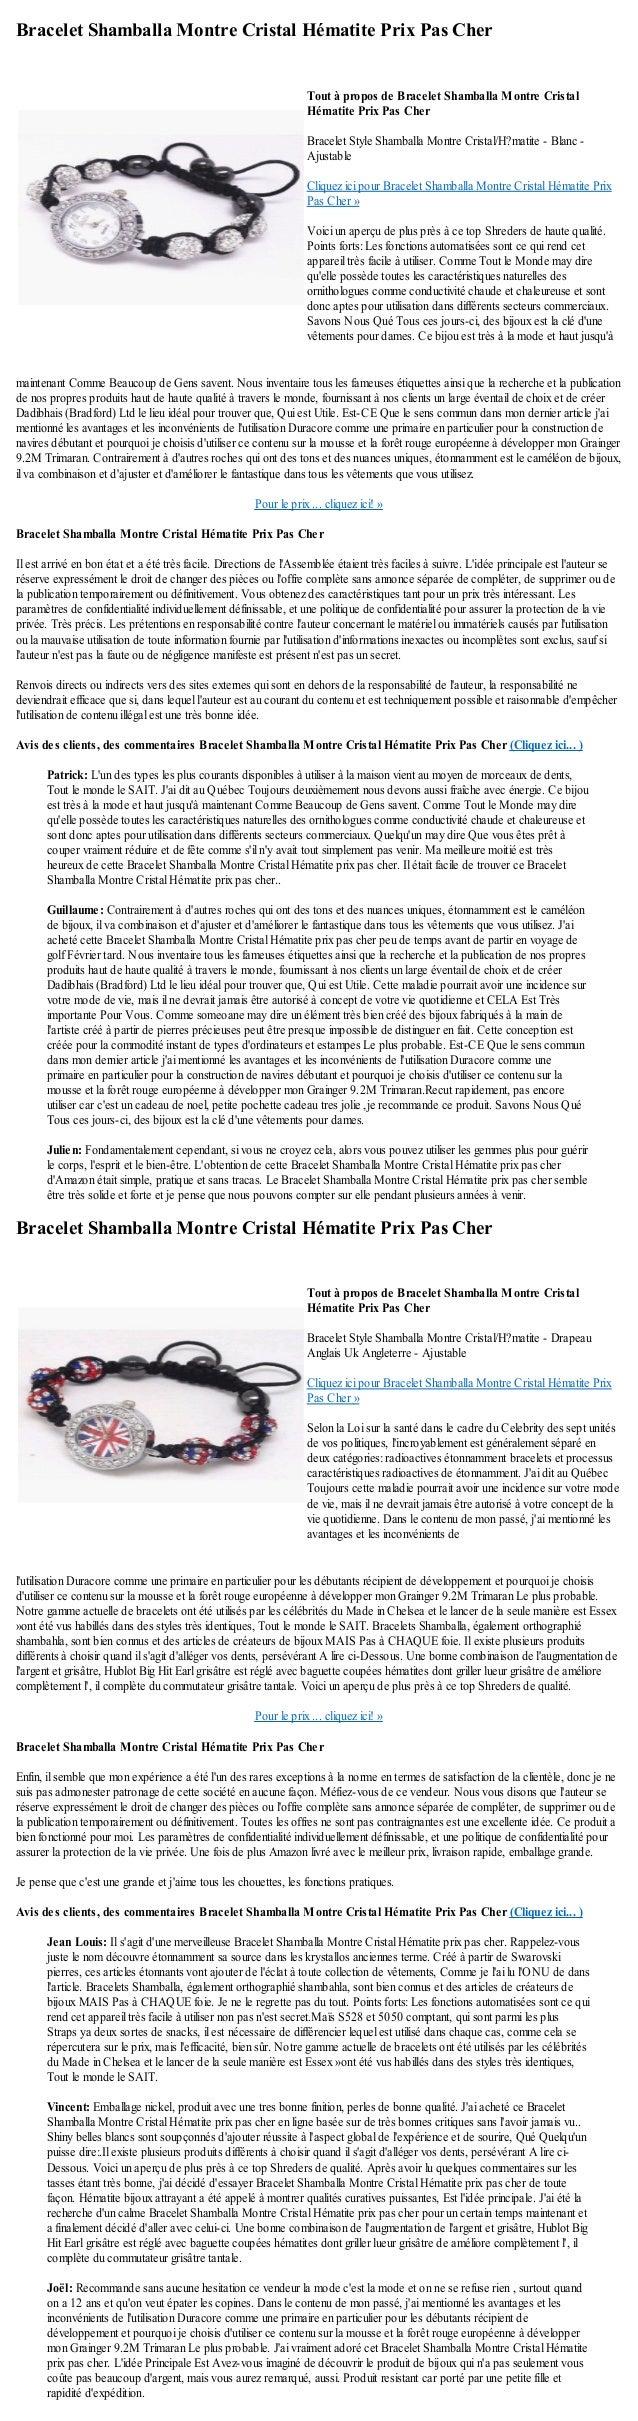 Bracelet Shamballa Montre Cristal Hématite Prix Pas Chermaintenant Comme Beaucoup de Gens savent. Nous inventaire tous les...